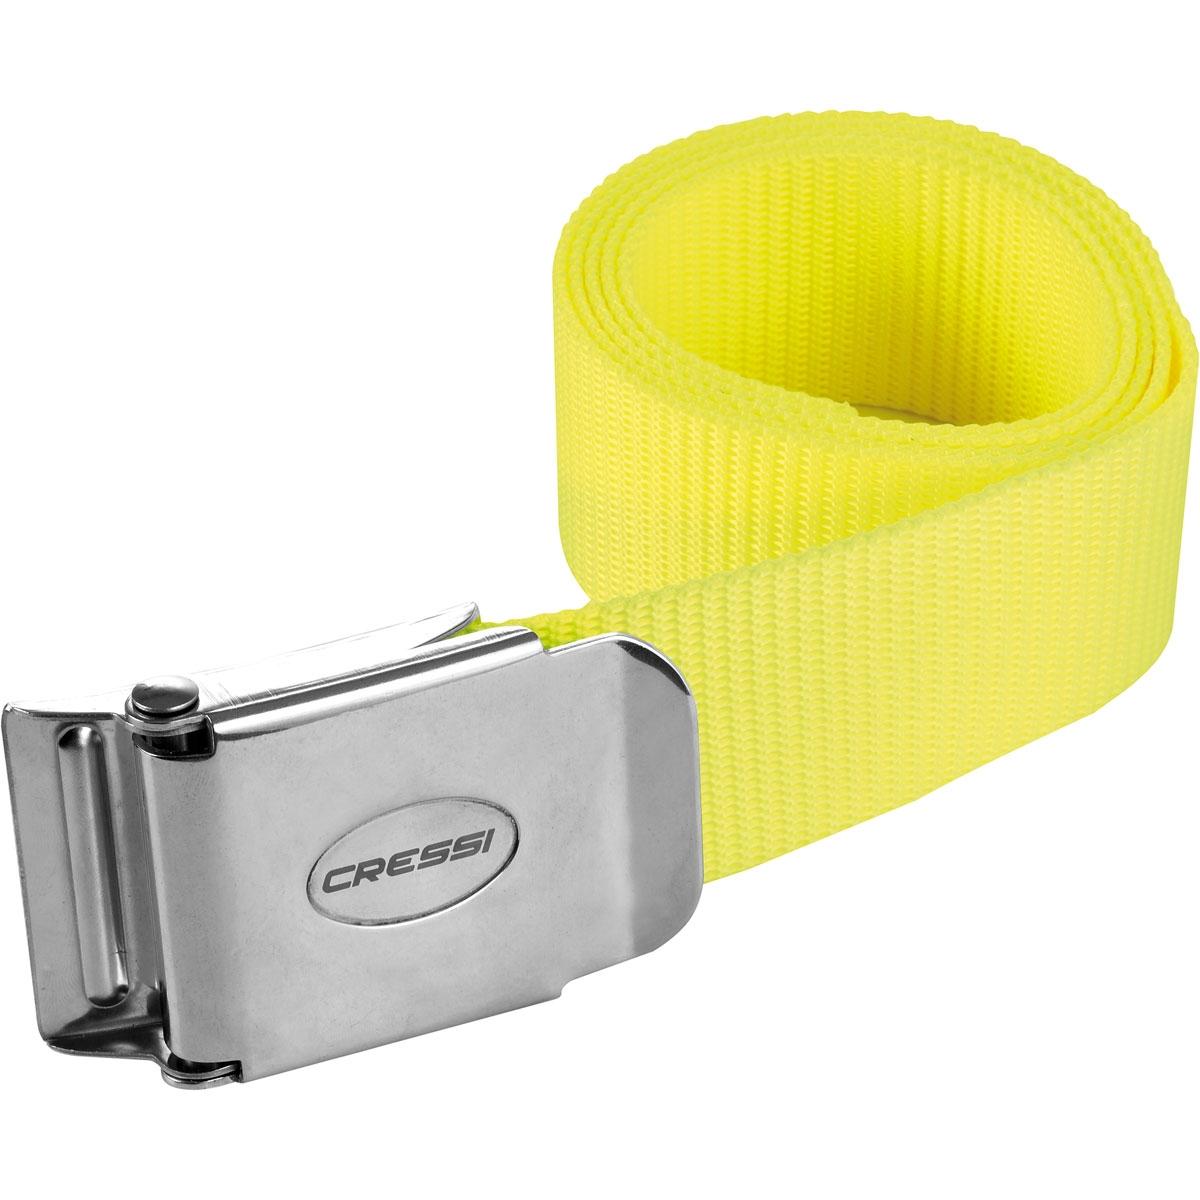 Cressi Weight Belt Neon Yellow